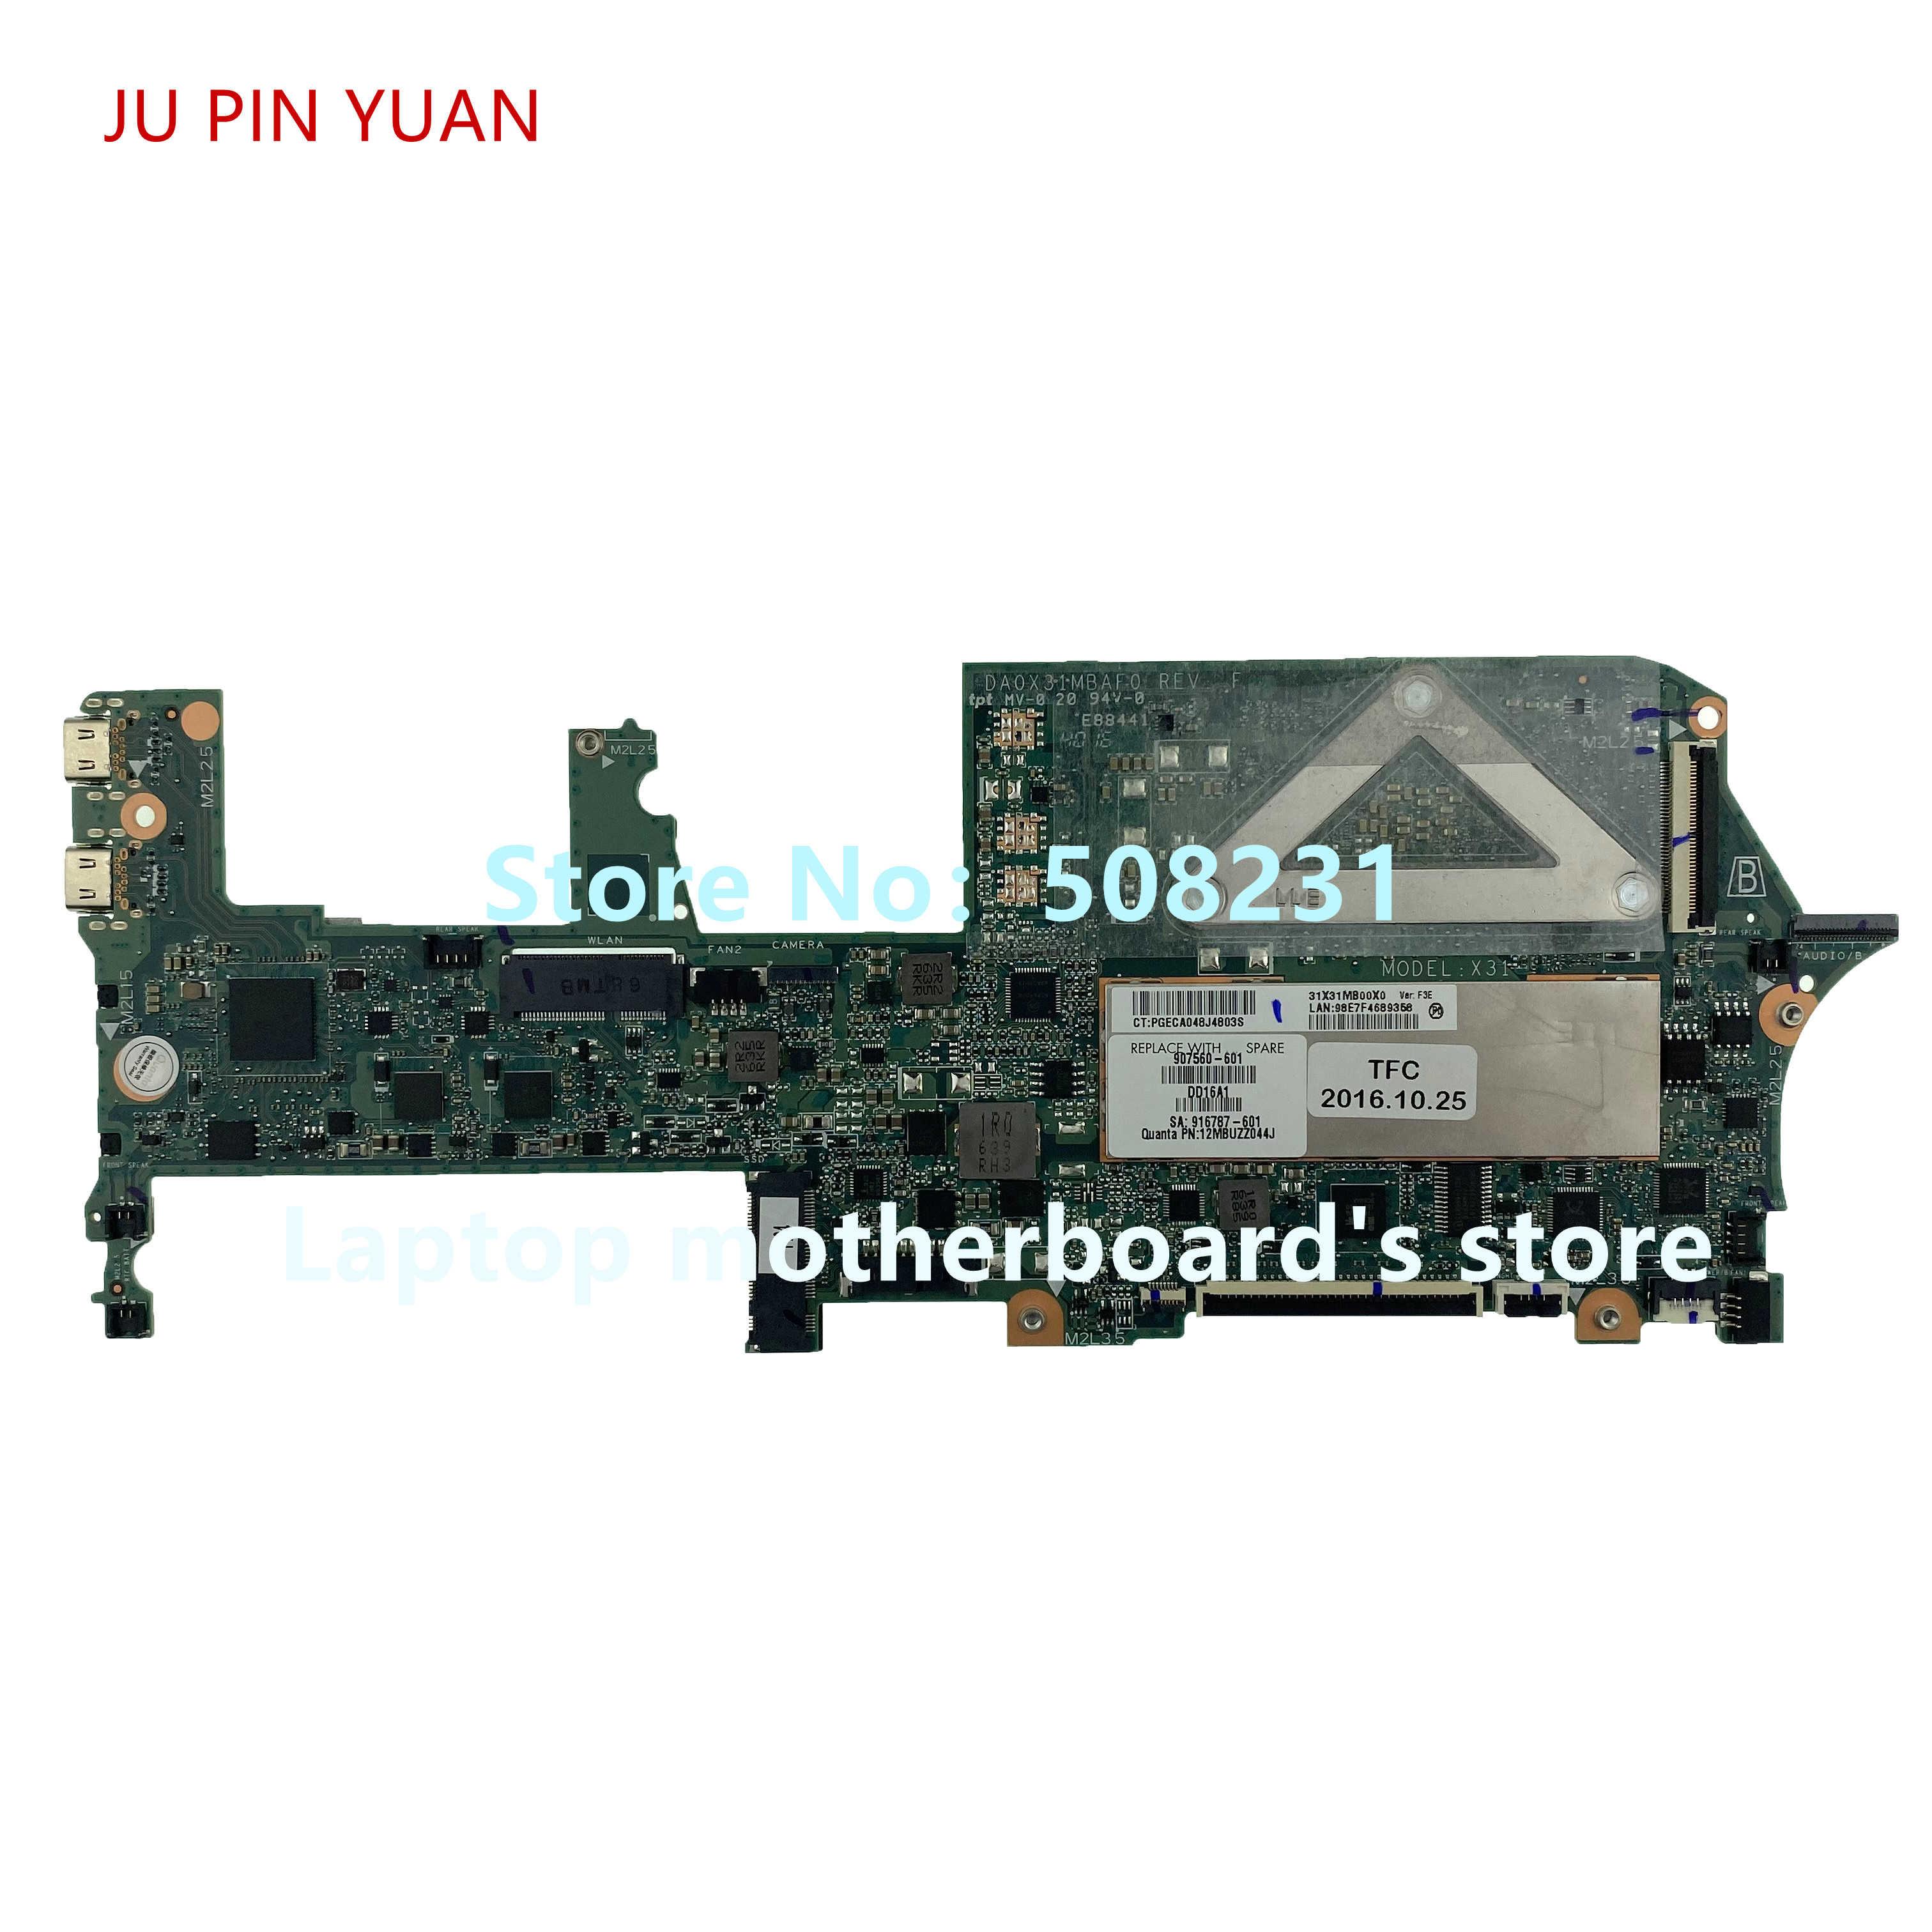 ג 'ו סיכה יואן 907560-601 907560-001 עבור HP Spectre x360 13-w 13T-W000 סדרת מחשב נייד האם i5-7200U 8GB 100% נבדק באופן מלא